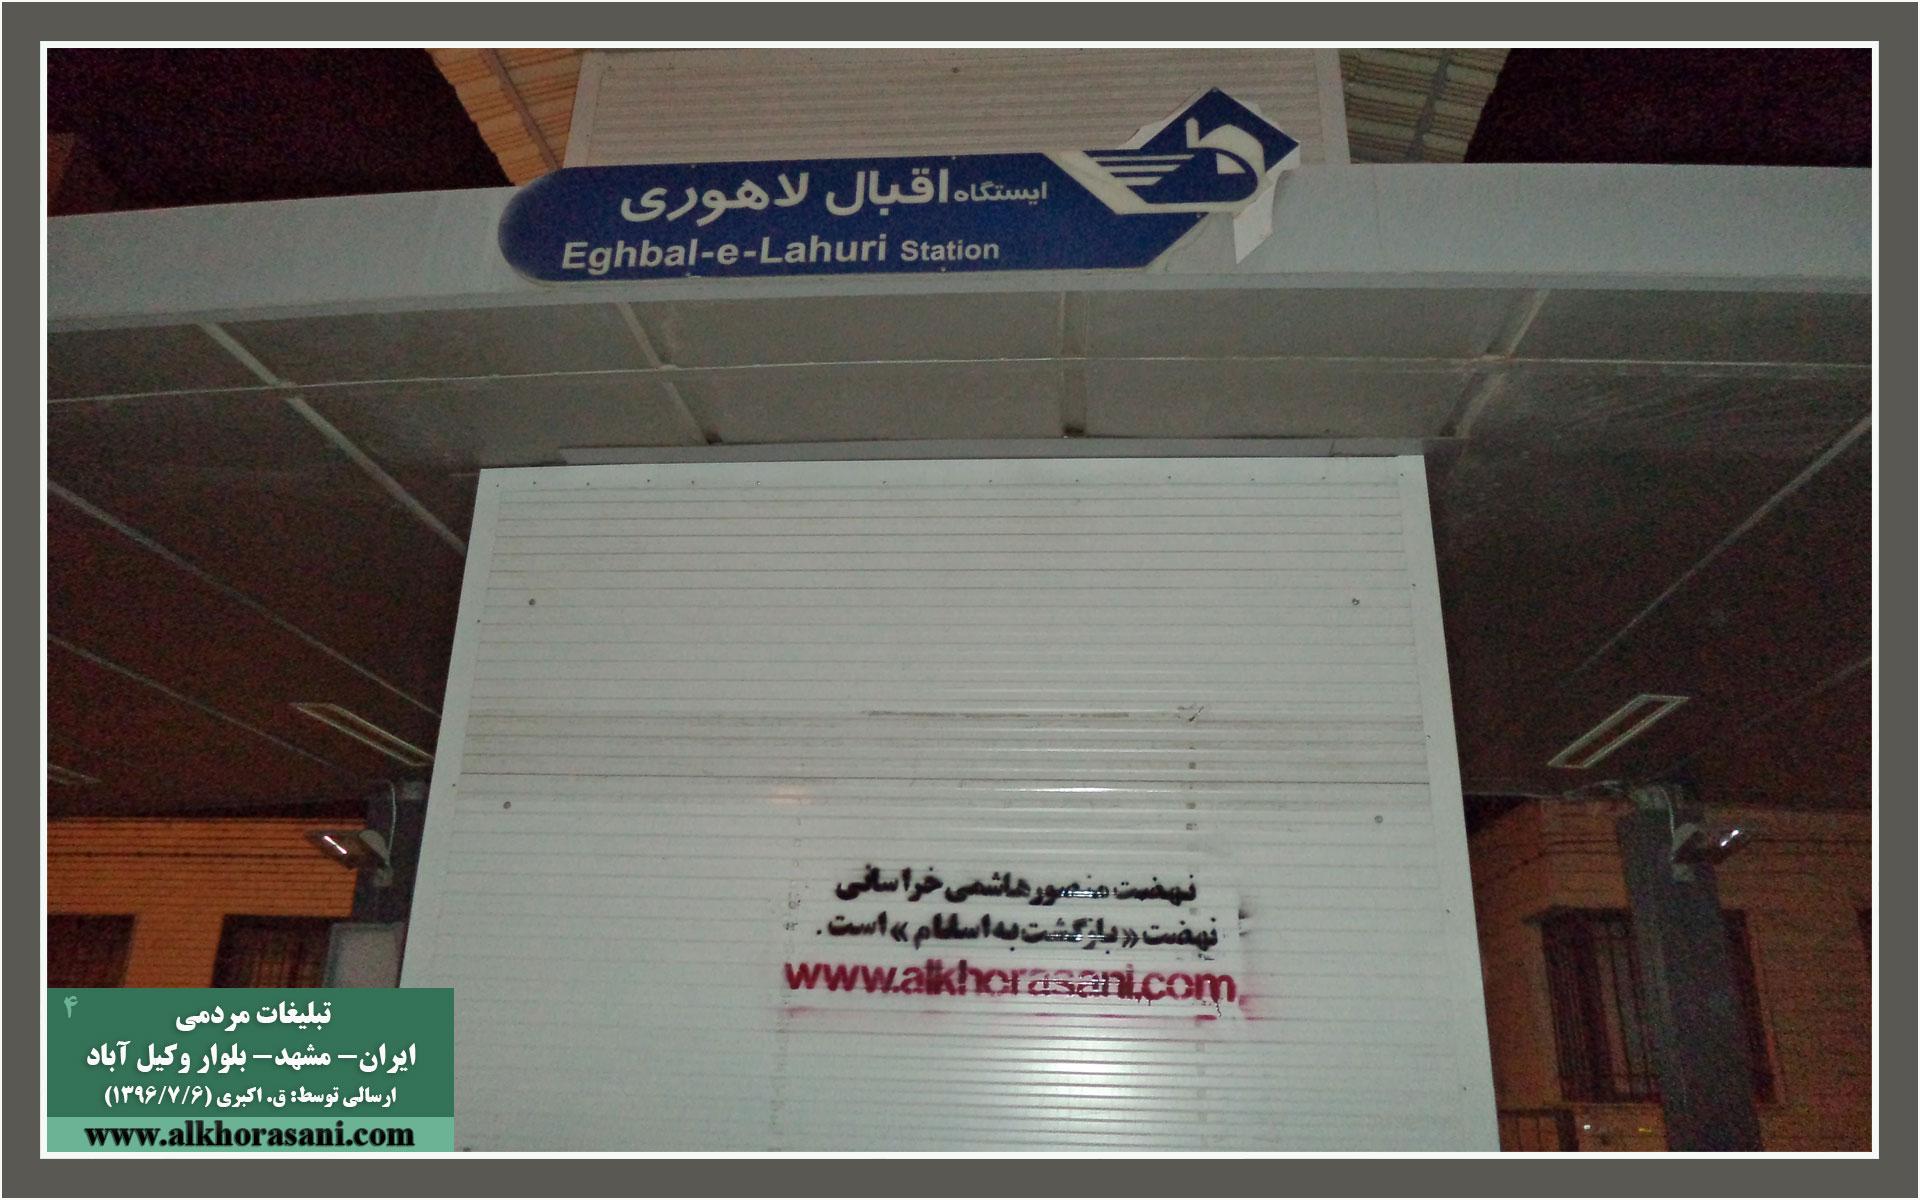 تبلیغات منصور هاشمی خراسانی؛ مشهد